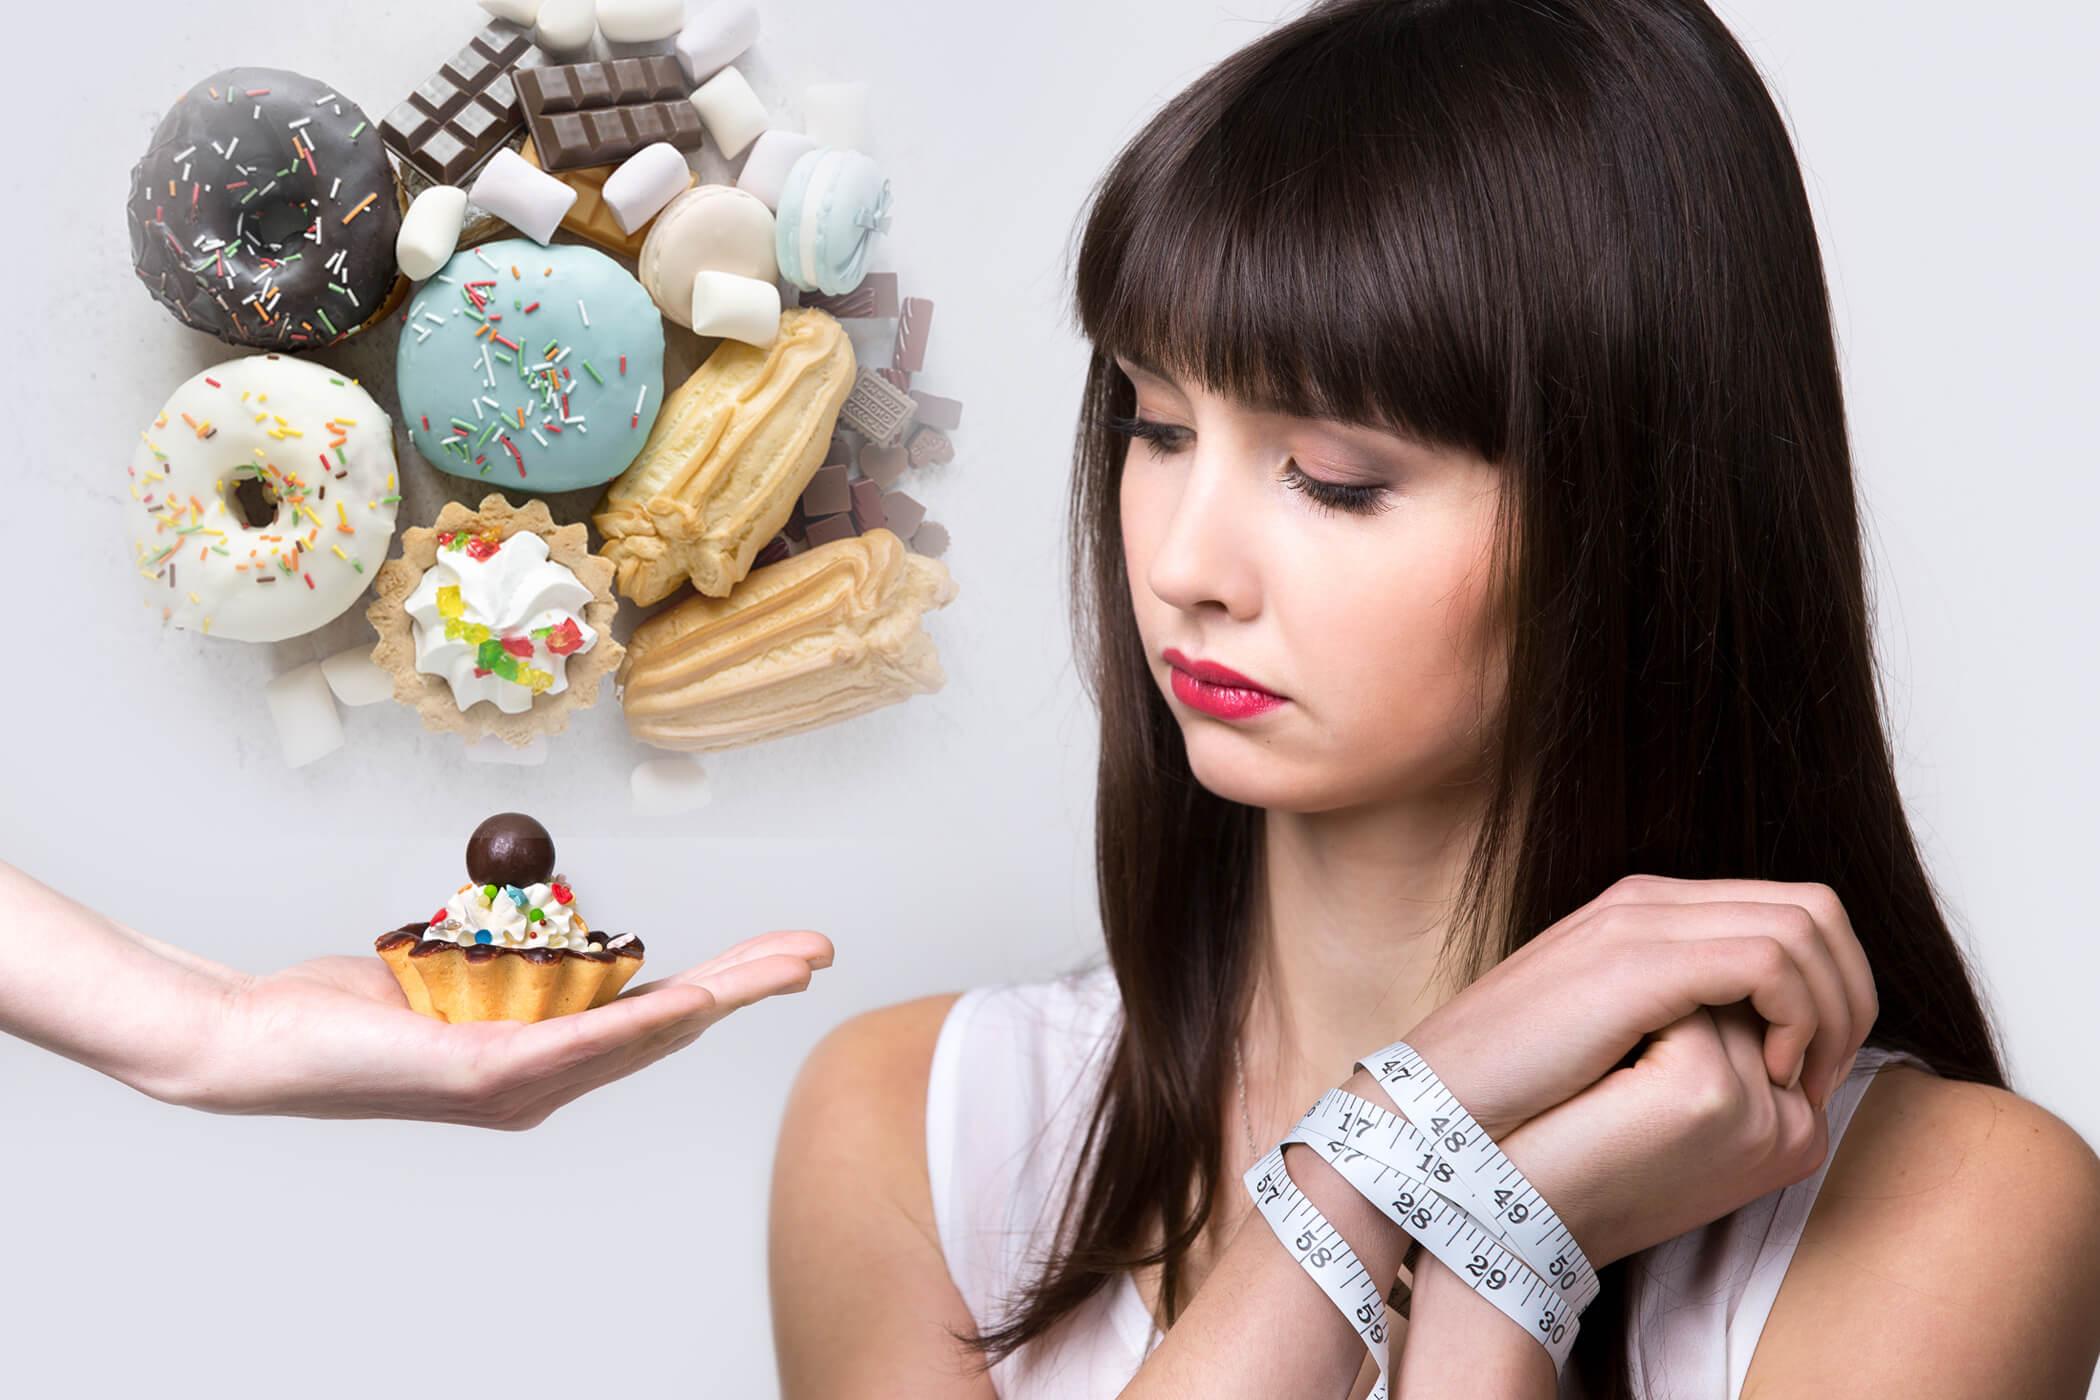 Easy ways to reduce sugar intake